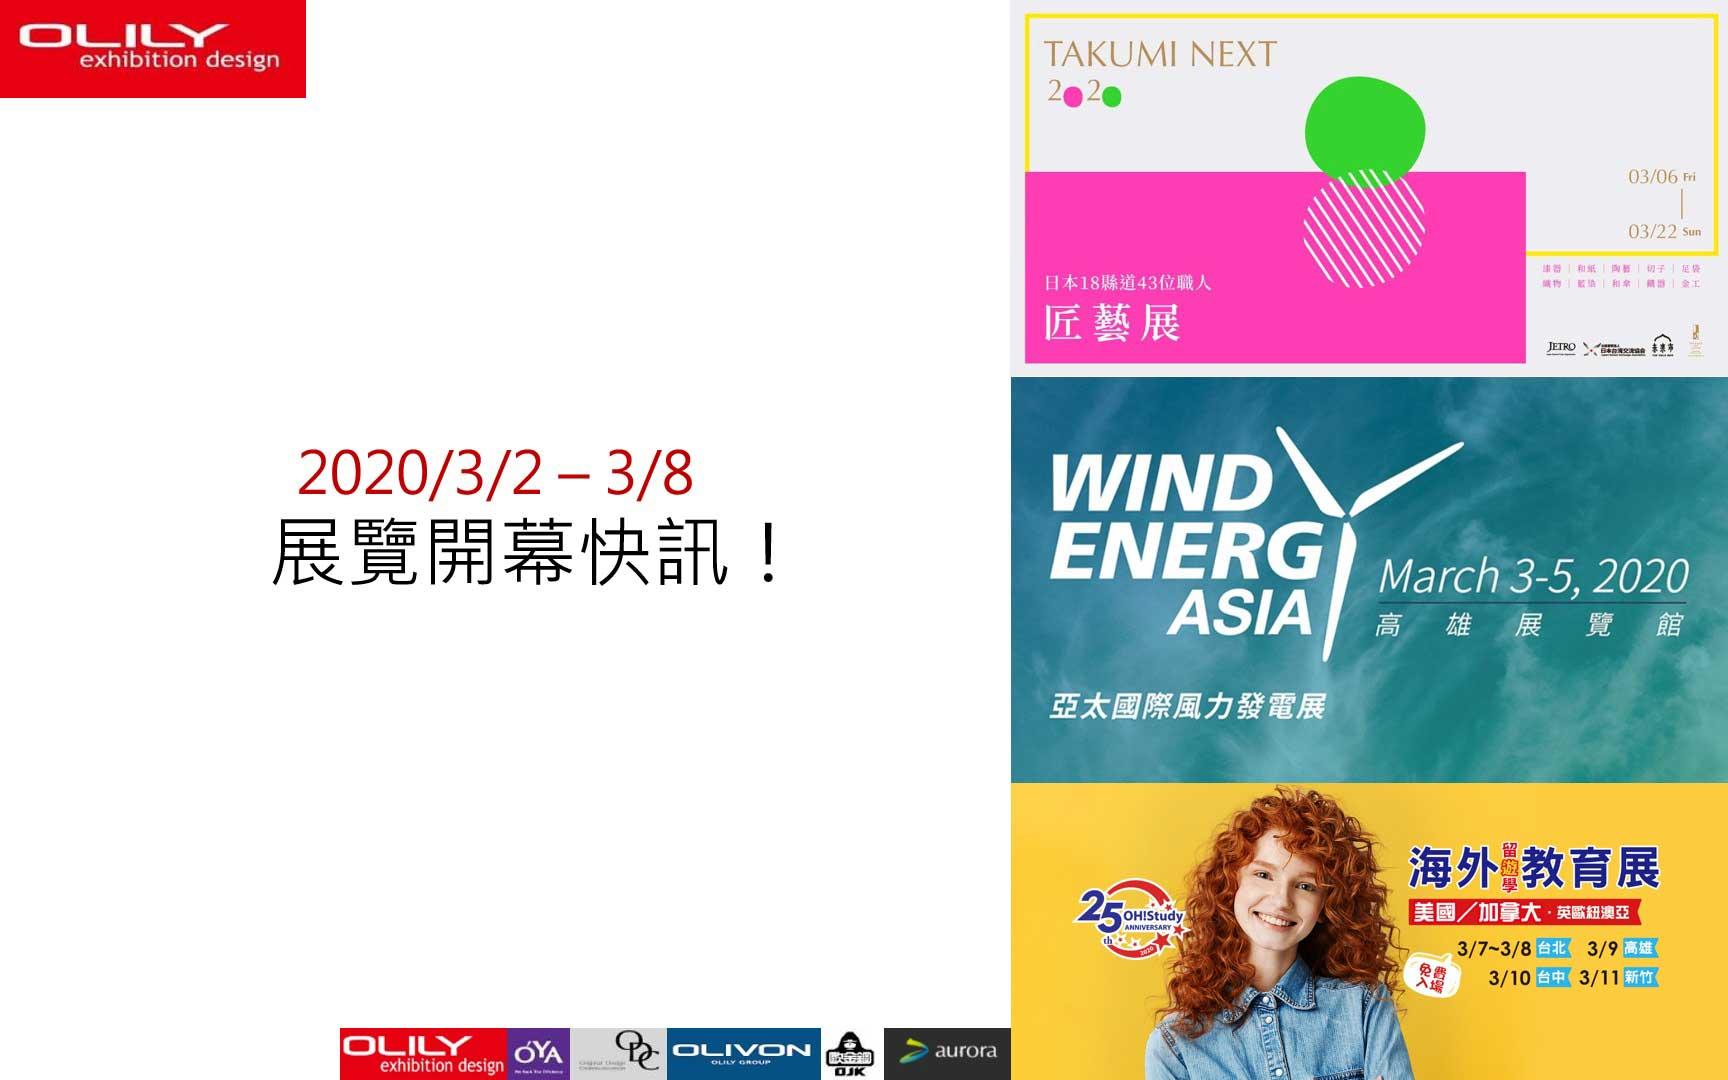 展覽資訊 0302- 歐立利展場設計公司提供全球專業攤位設計, 展覽設計最專業推薦